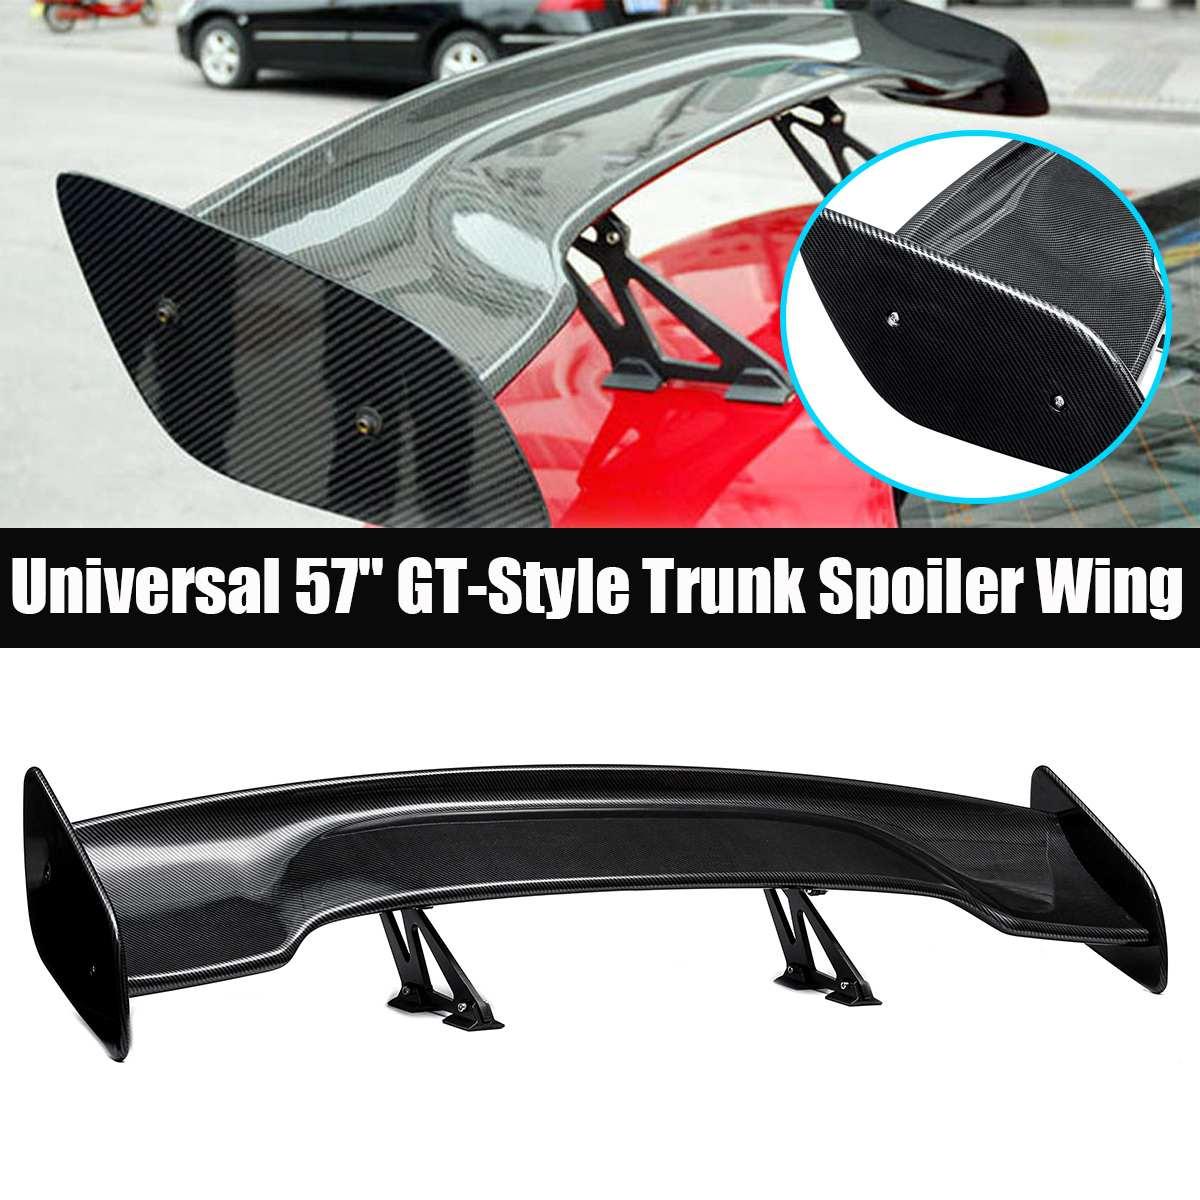 Universal รถหางสปอยเลอร์ด้านหลัง 145 ซม.คาร์บอนไฟเบอร์ GT สำหรับ BMW สำหรับ MAZDA สำหรับ Hyundai สำหรับ audi รถจัดแต่...